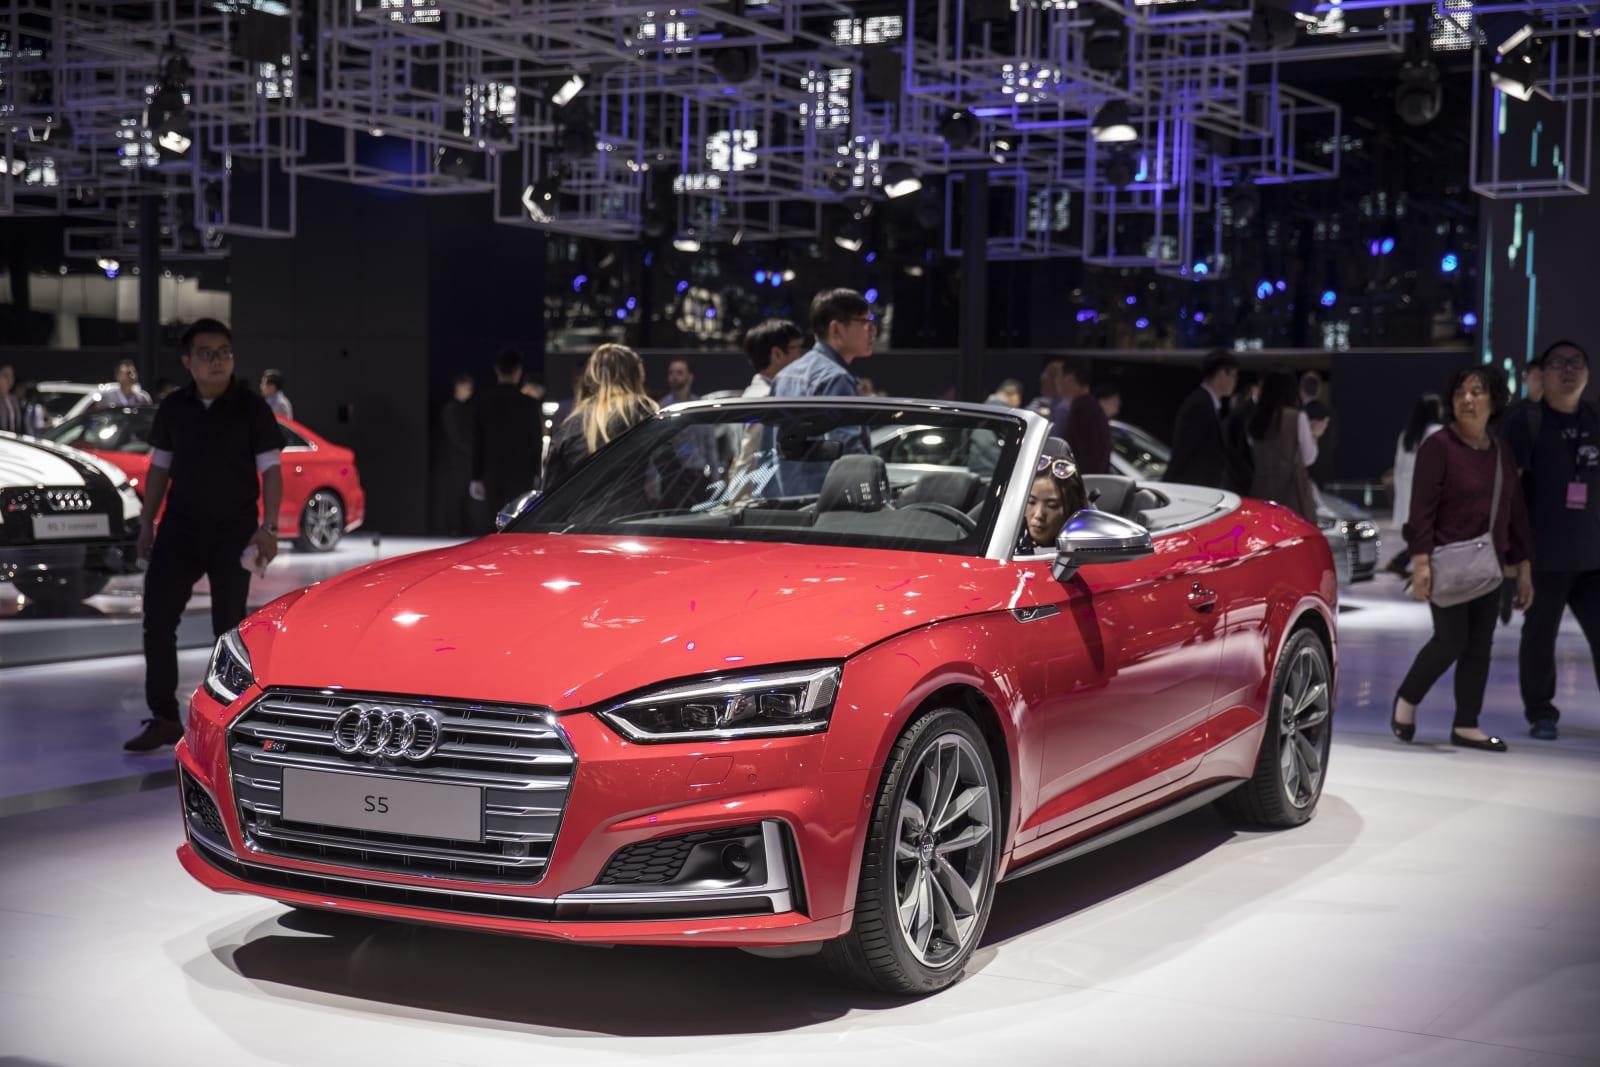 Audi Launches Luxury Car Subscription Pilot Program In Dallas - Dallas audi